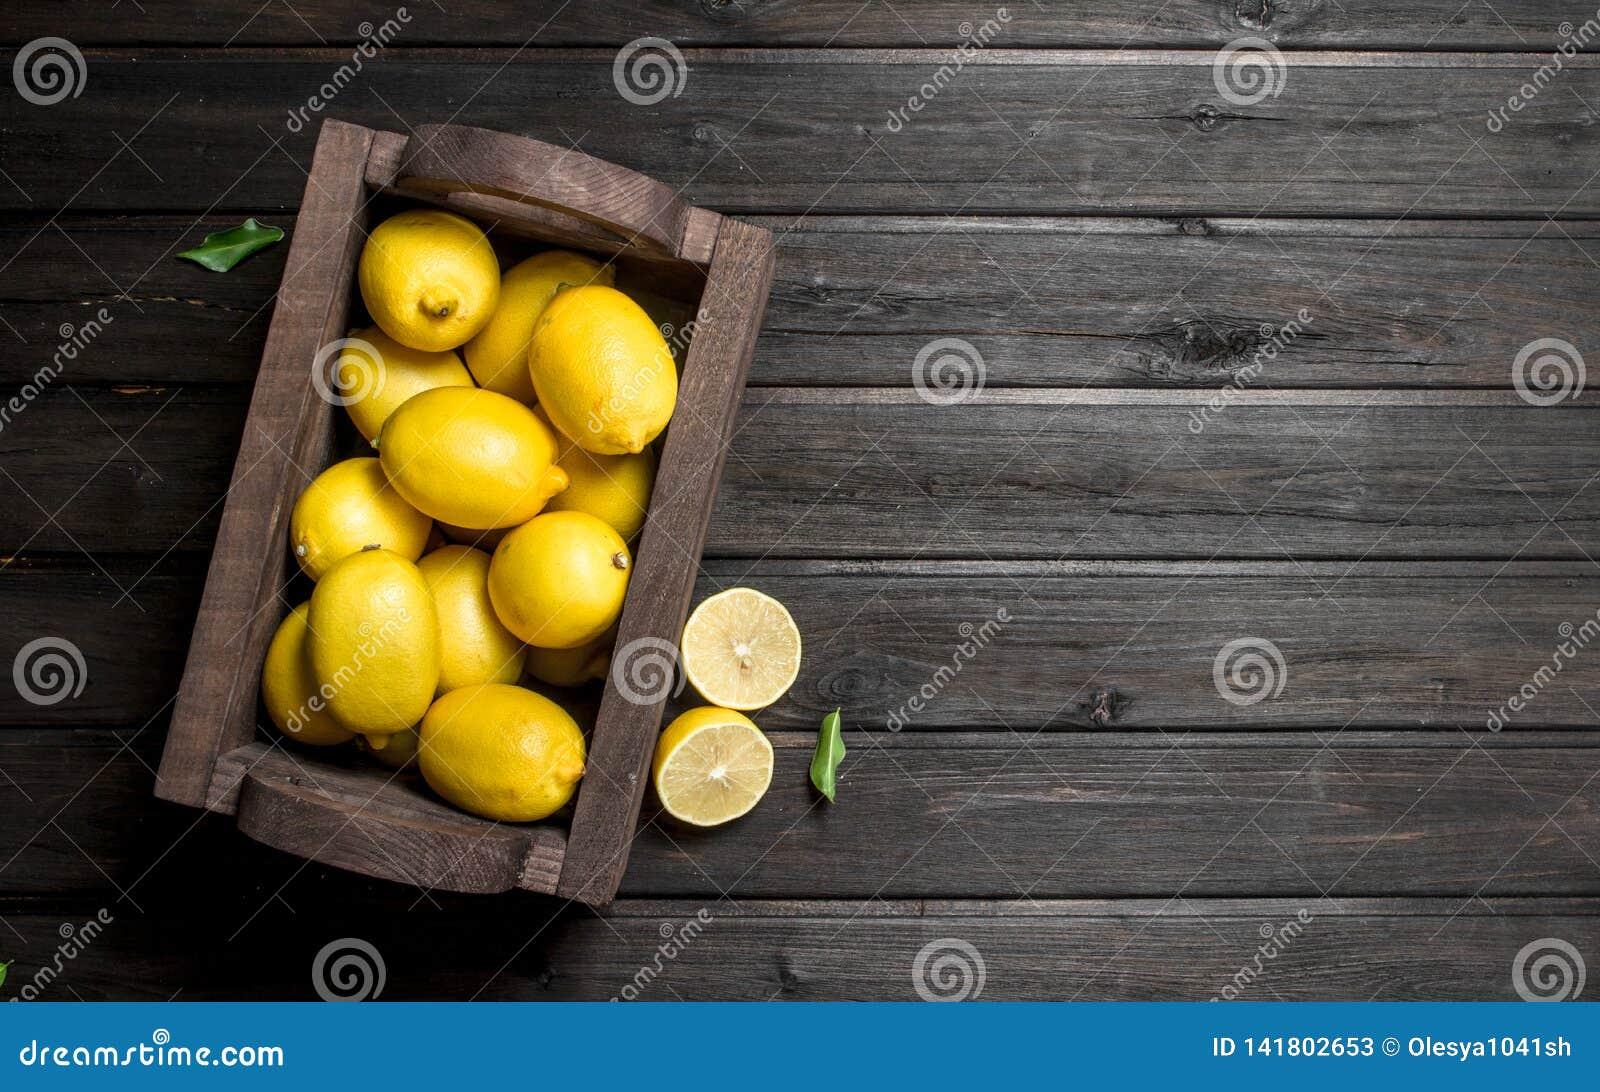 The smell of fresh lemons in wooden box